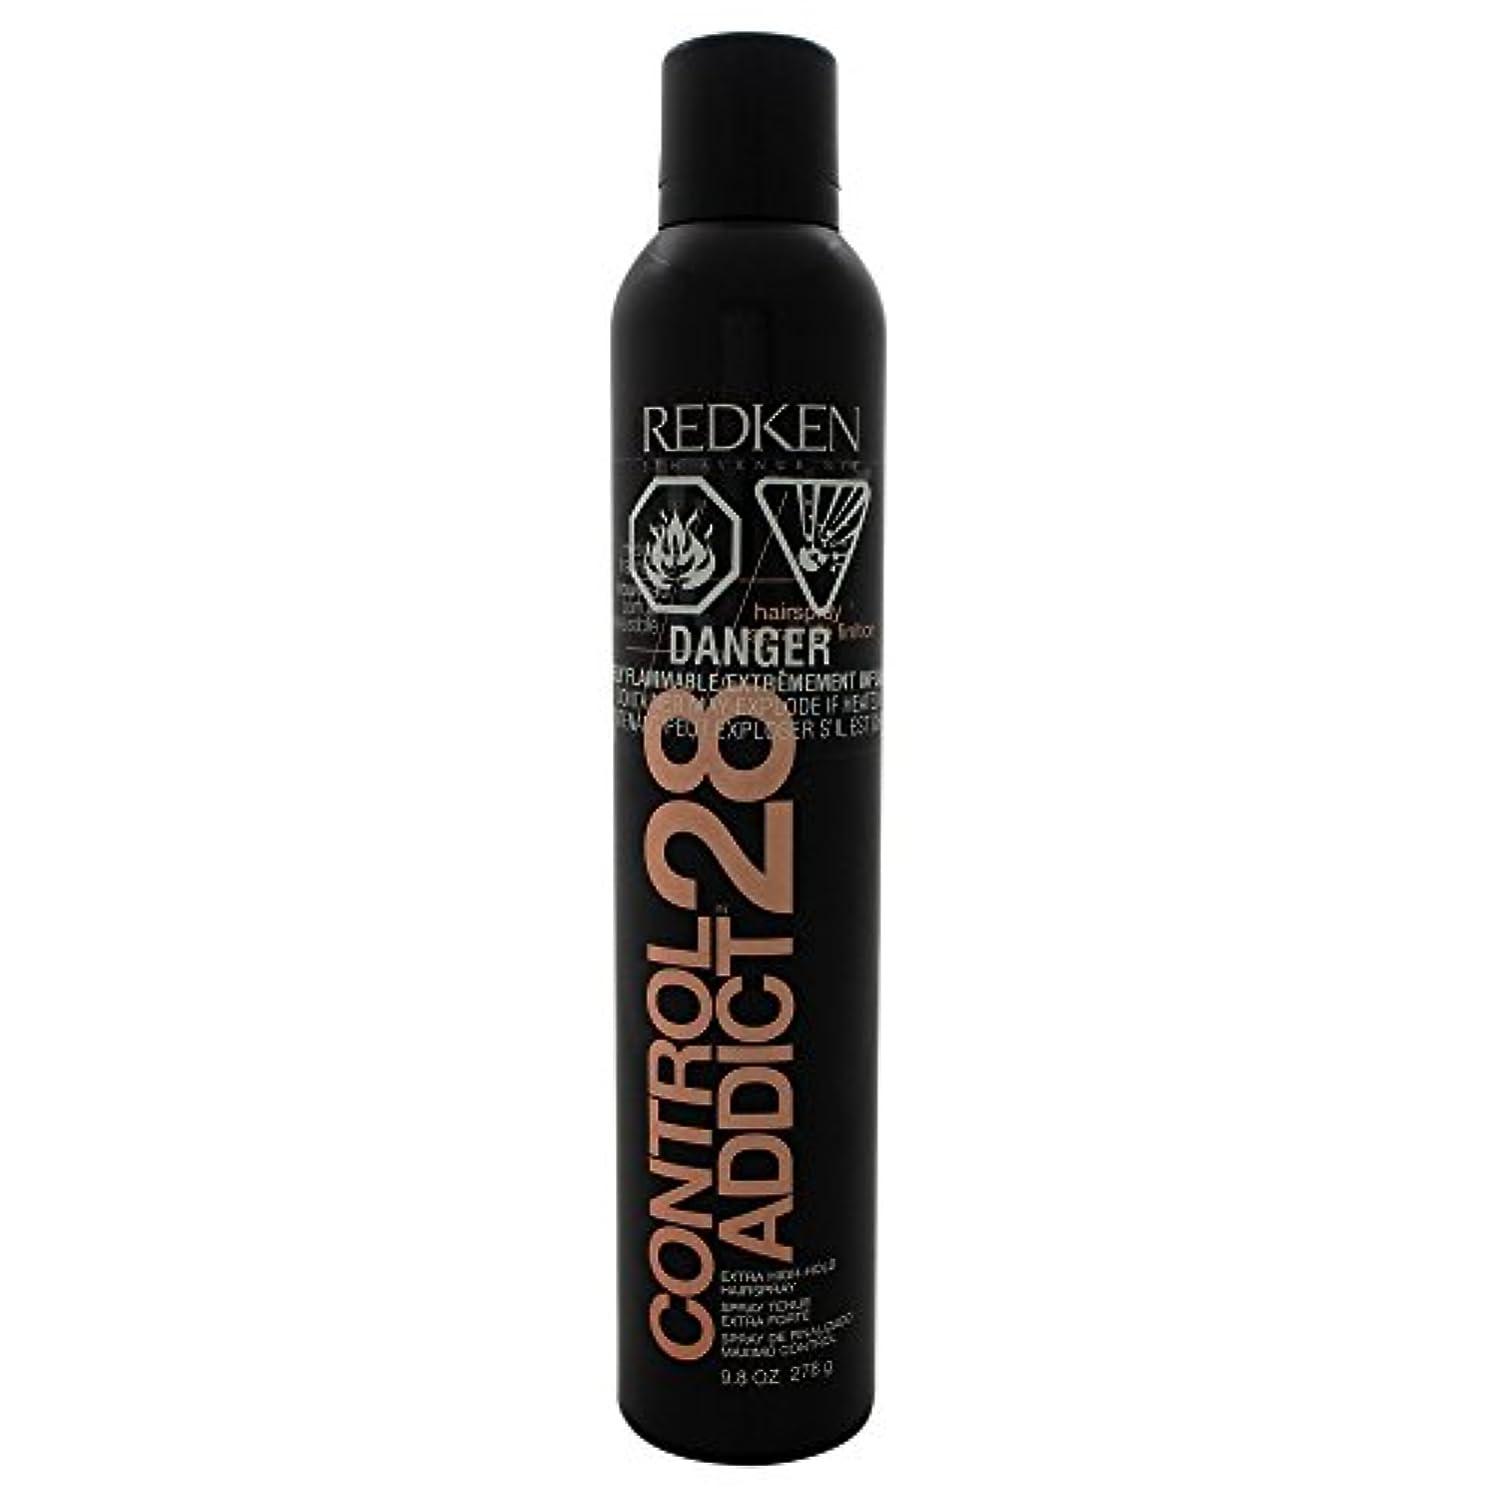 タイマークリスチャンかどうかby Redken CONTROL ADDICT 28 EXTRA-HIGH HOLD HAIR SPRAY 9.8 OZ(BLACK PACKAGING) by REDKEN